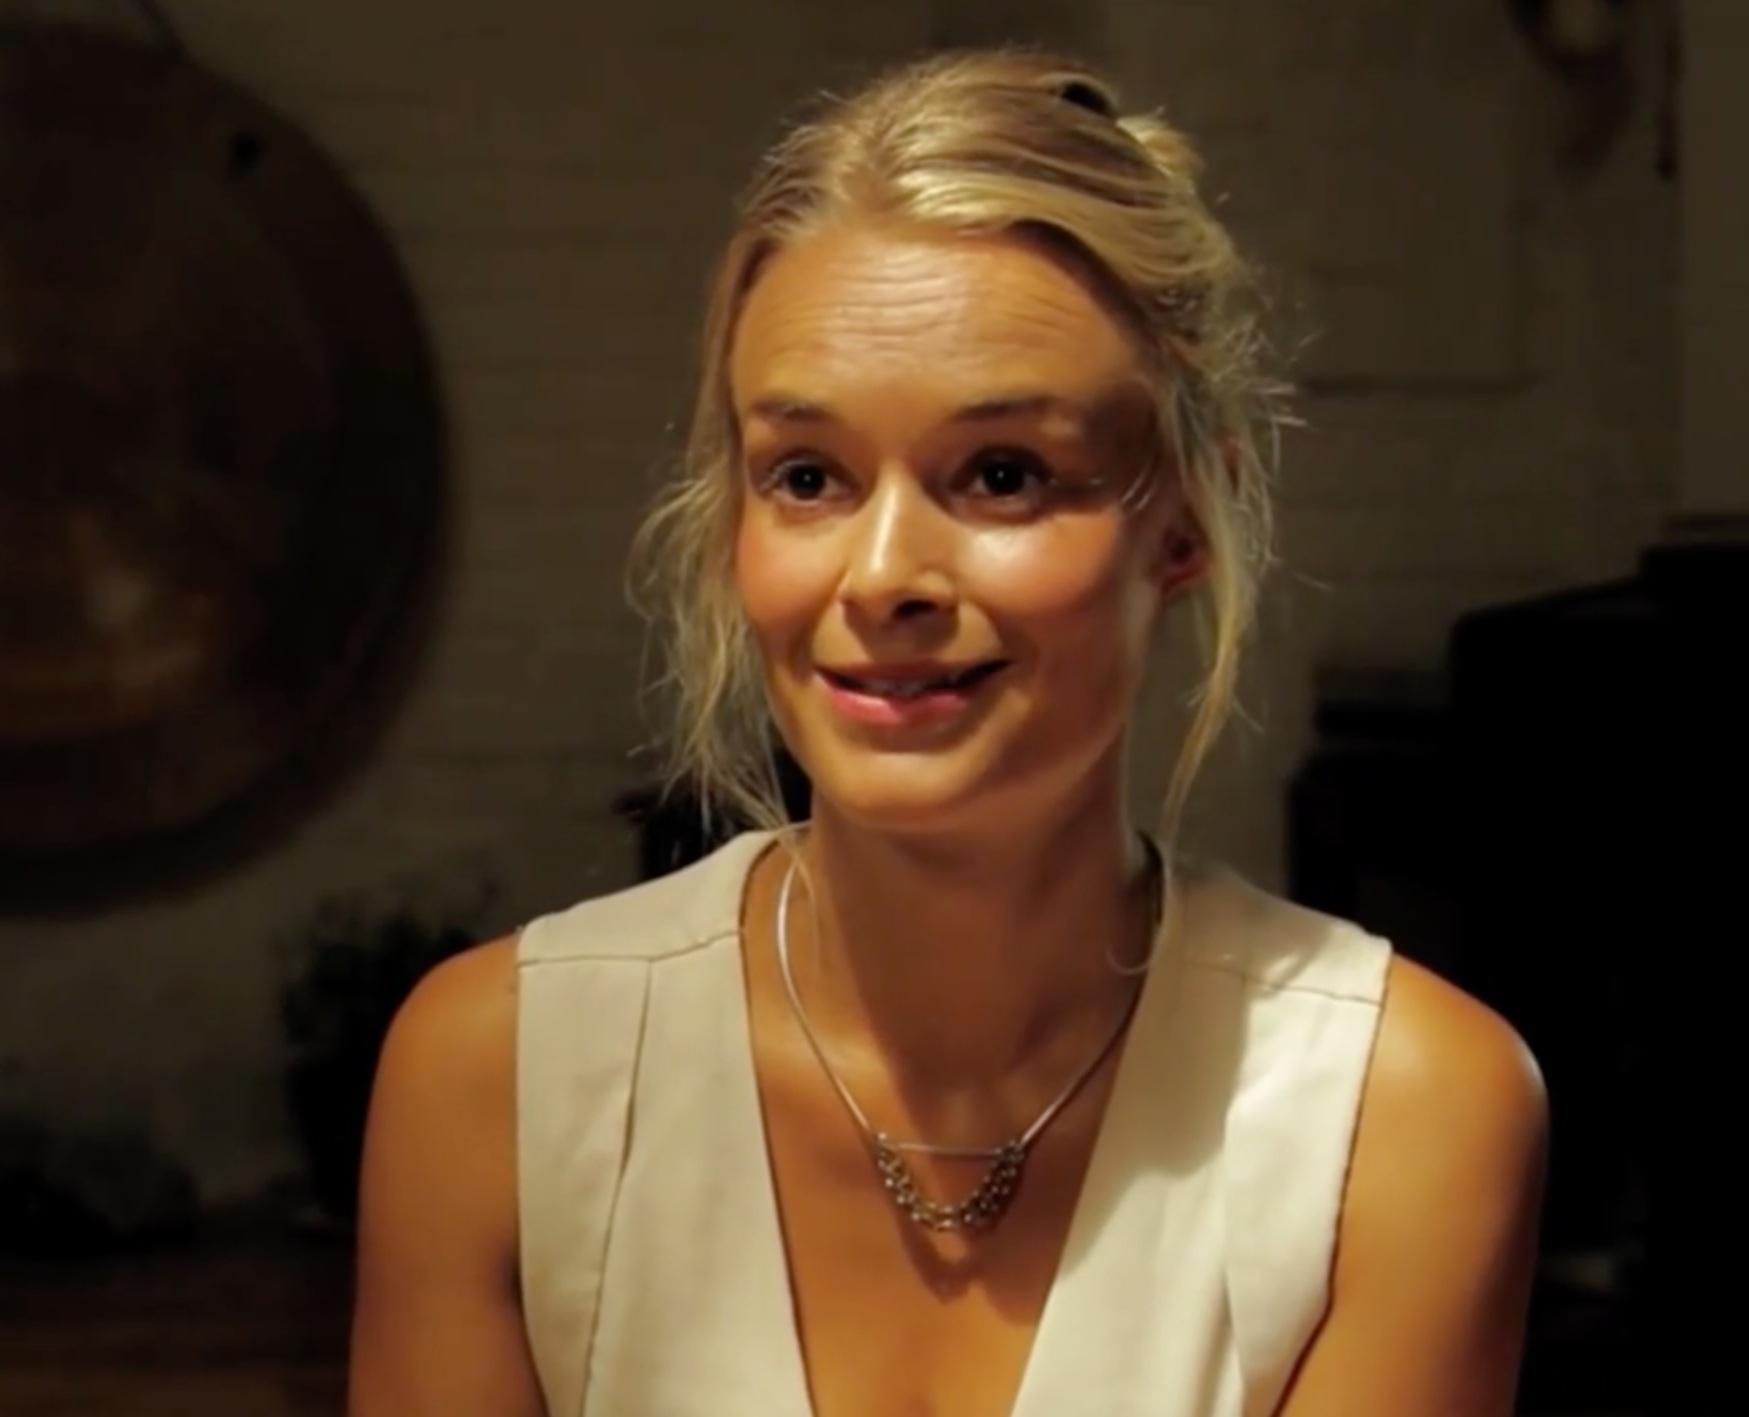 Marie-Louise Strøyberg for Jydske Bank